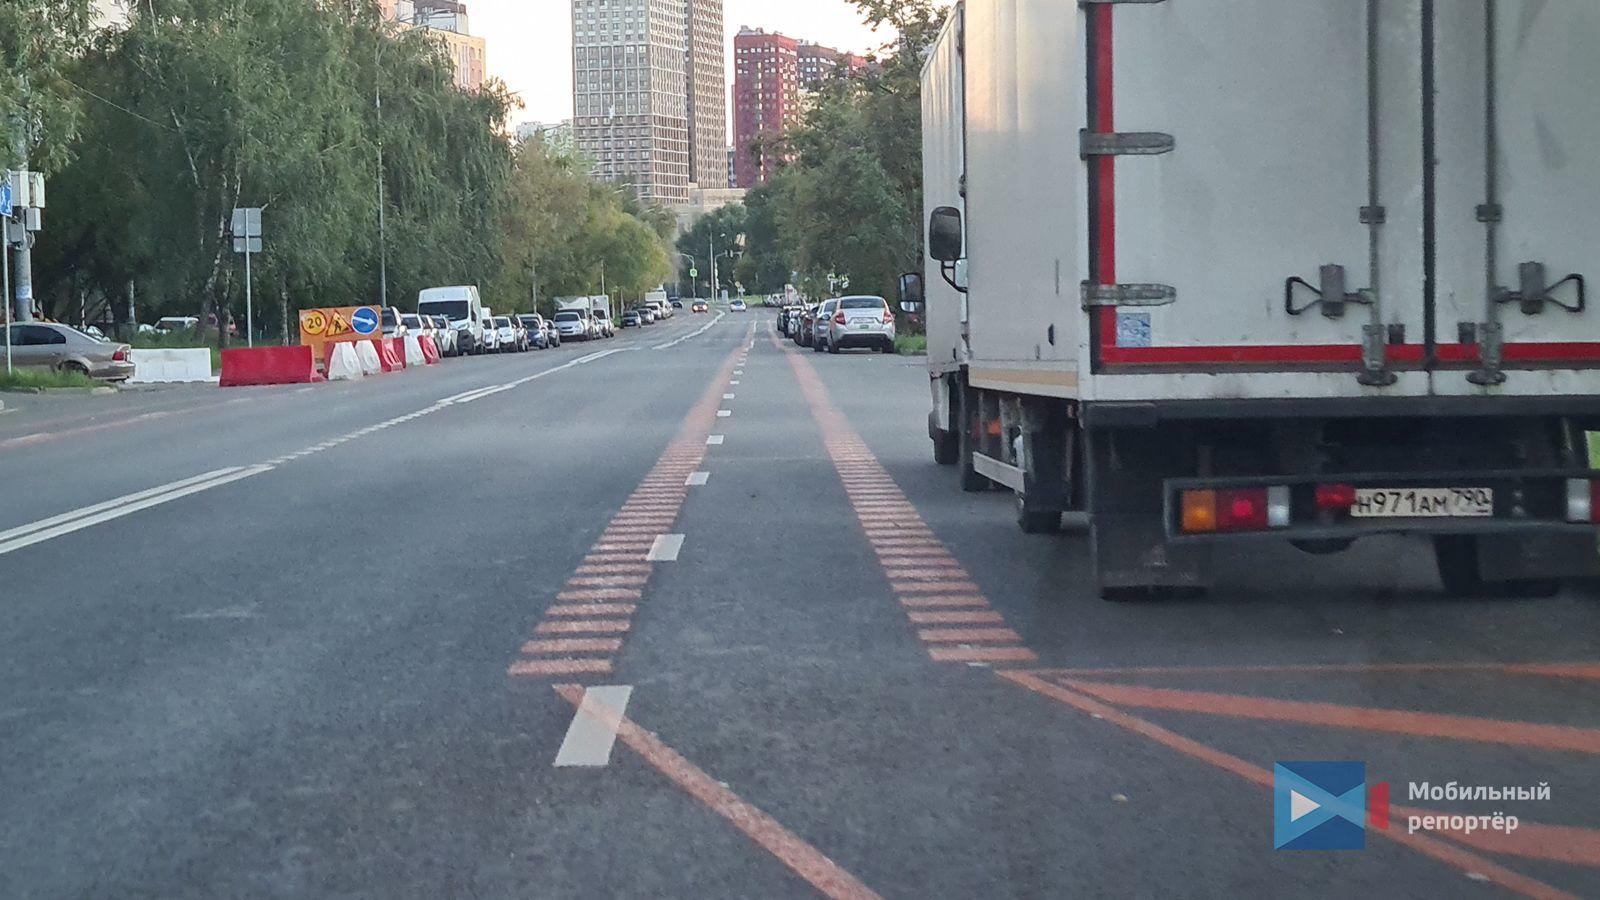 Временные велополосы появились на проезжей части улиц района Марьино на юго-востоке Москвы.